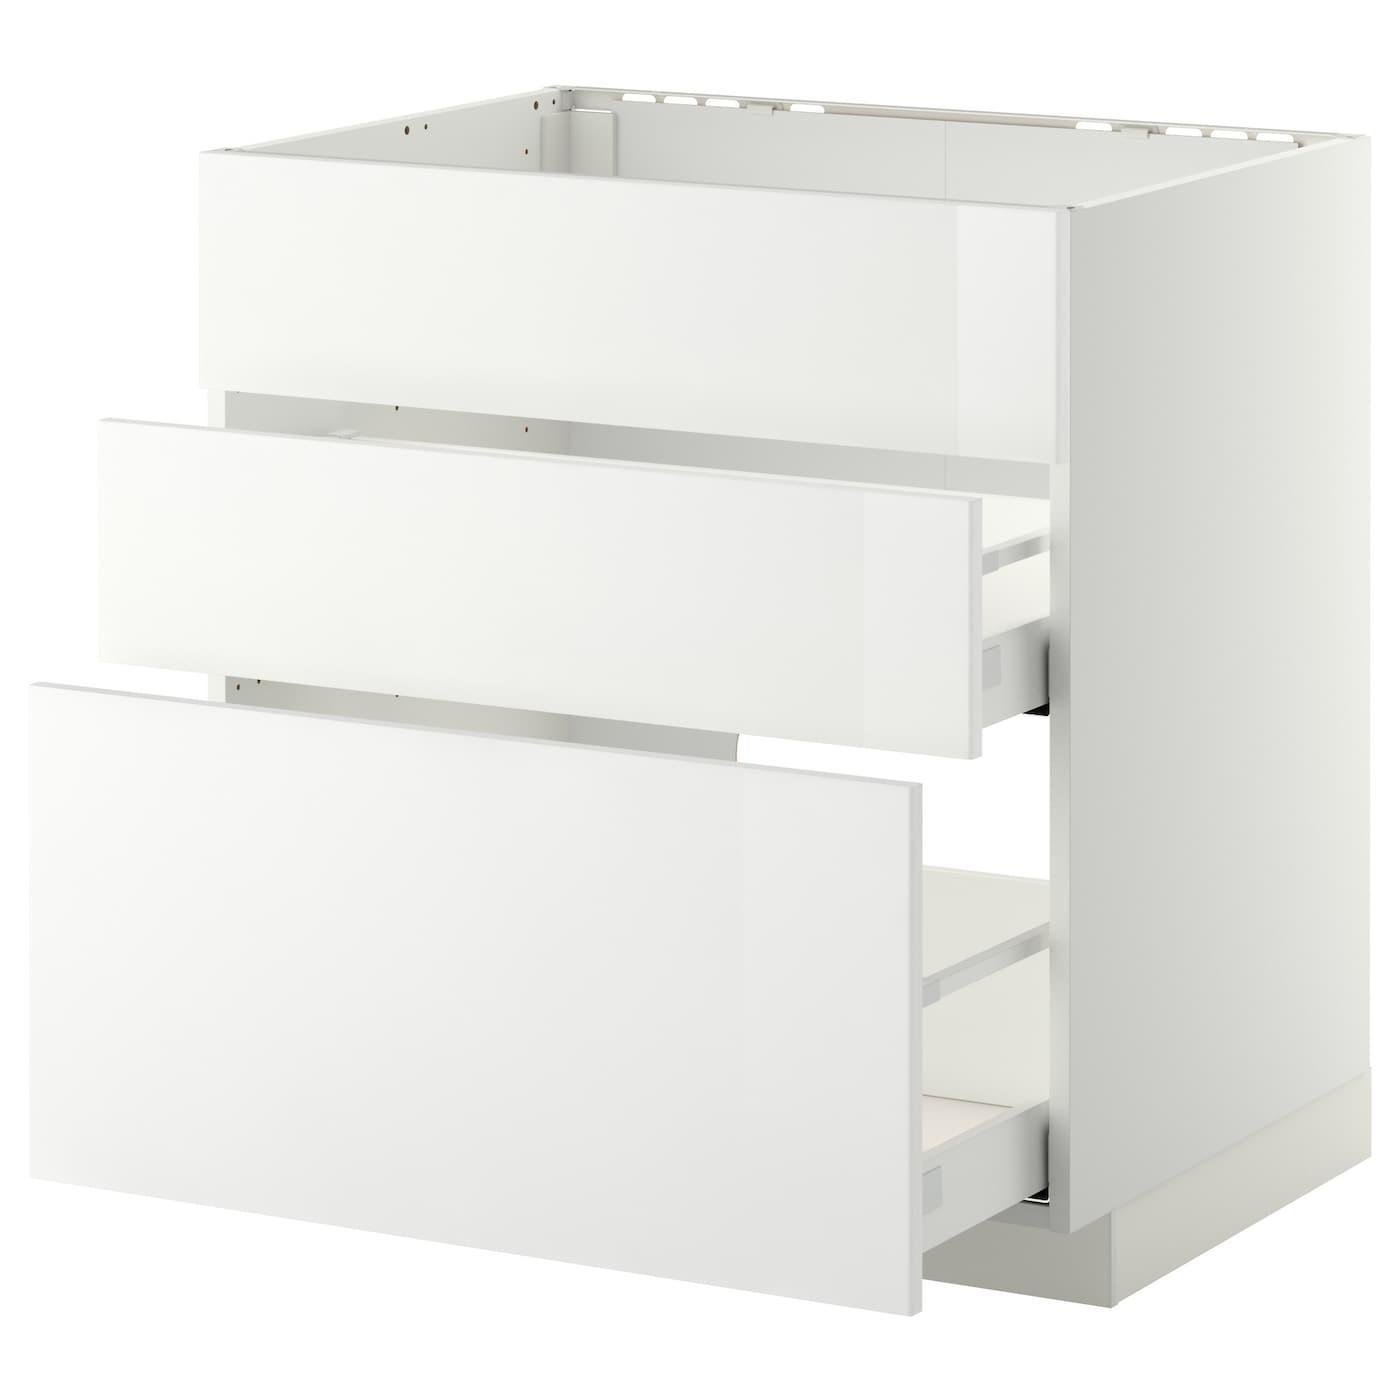 IKEA МЕТОД / МАКСИМЕРА Напольный шкаф д/встр духовки/мойки с 3 фасадами/ 2 ящиками, белый, Рингульт белый, 80x60 см 690.280.49